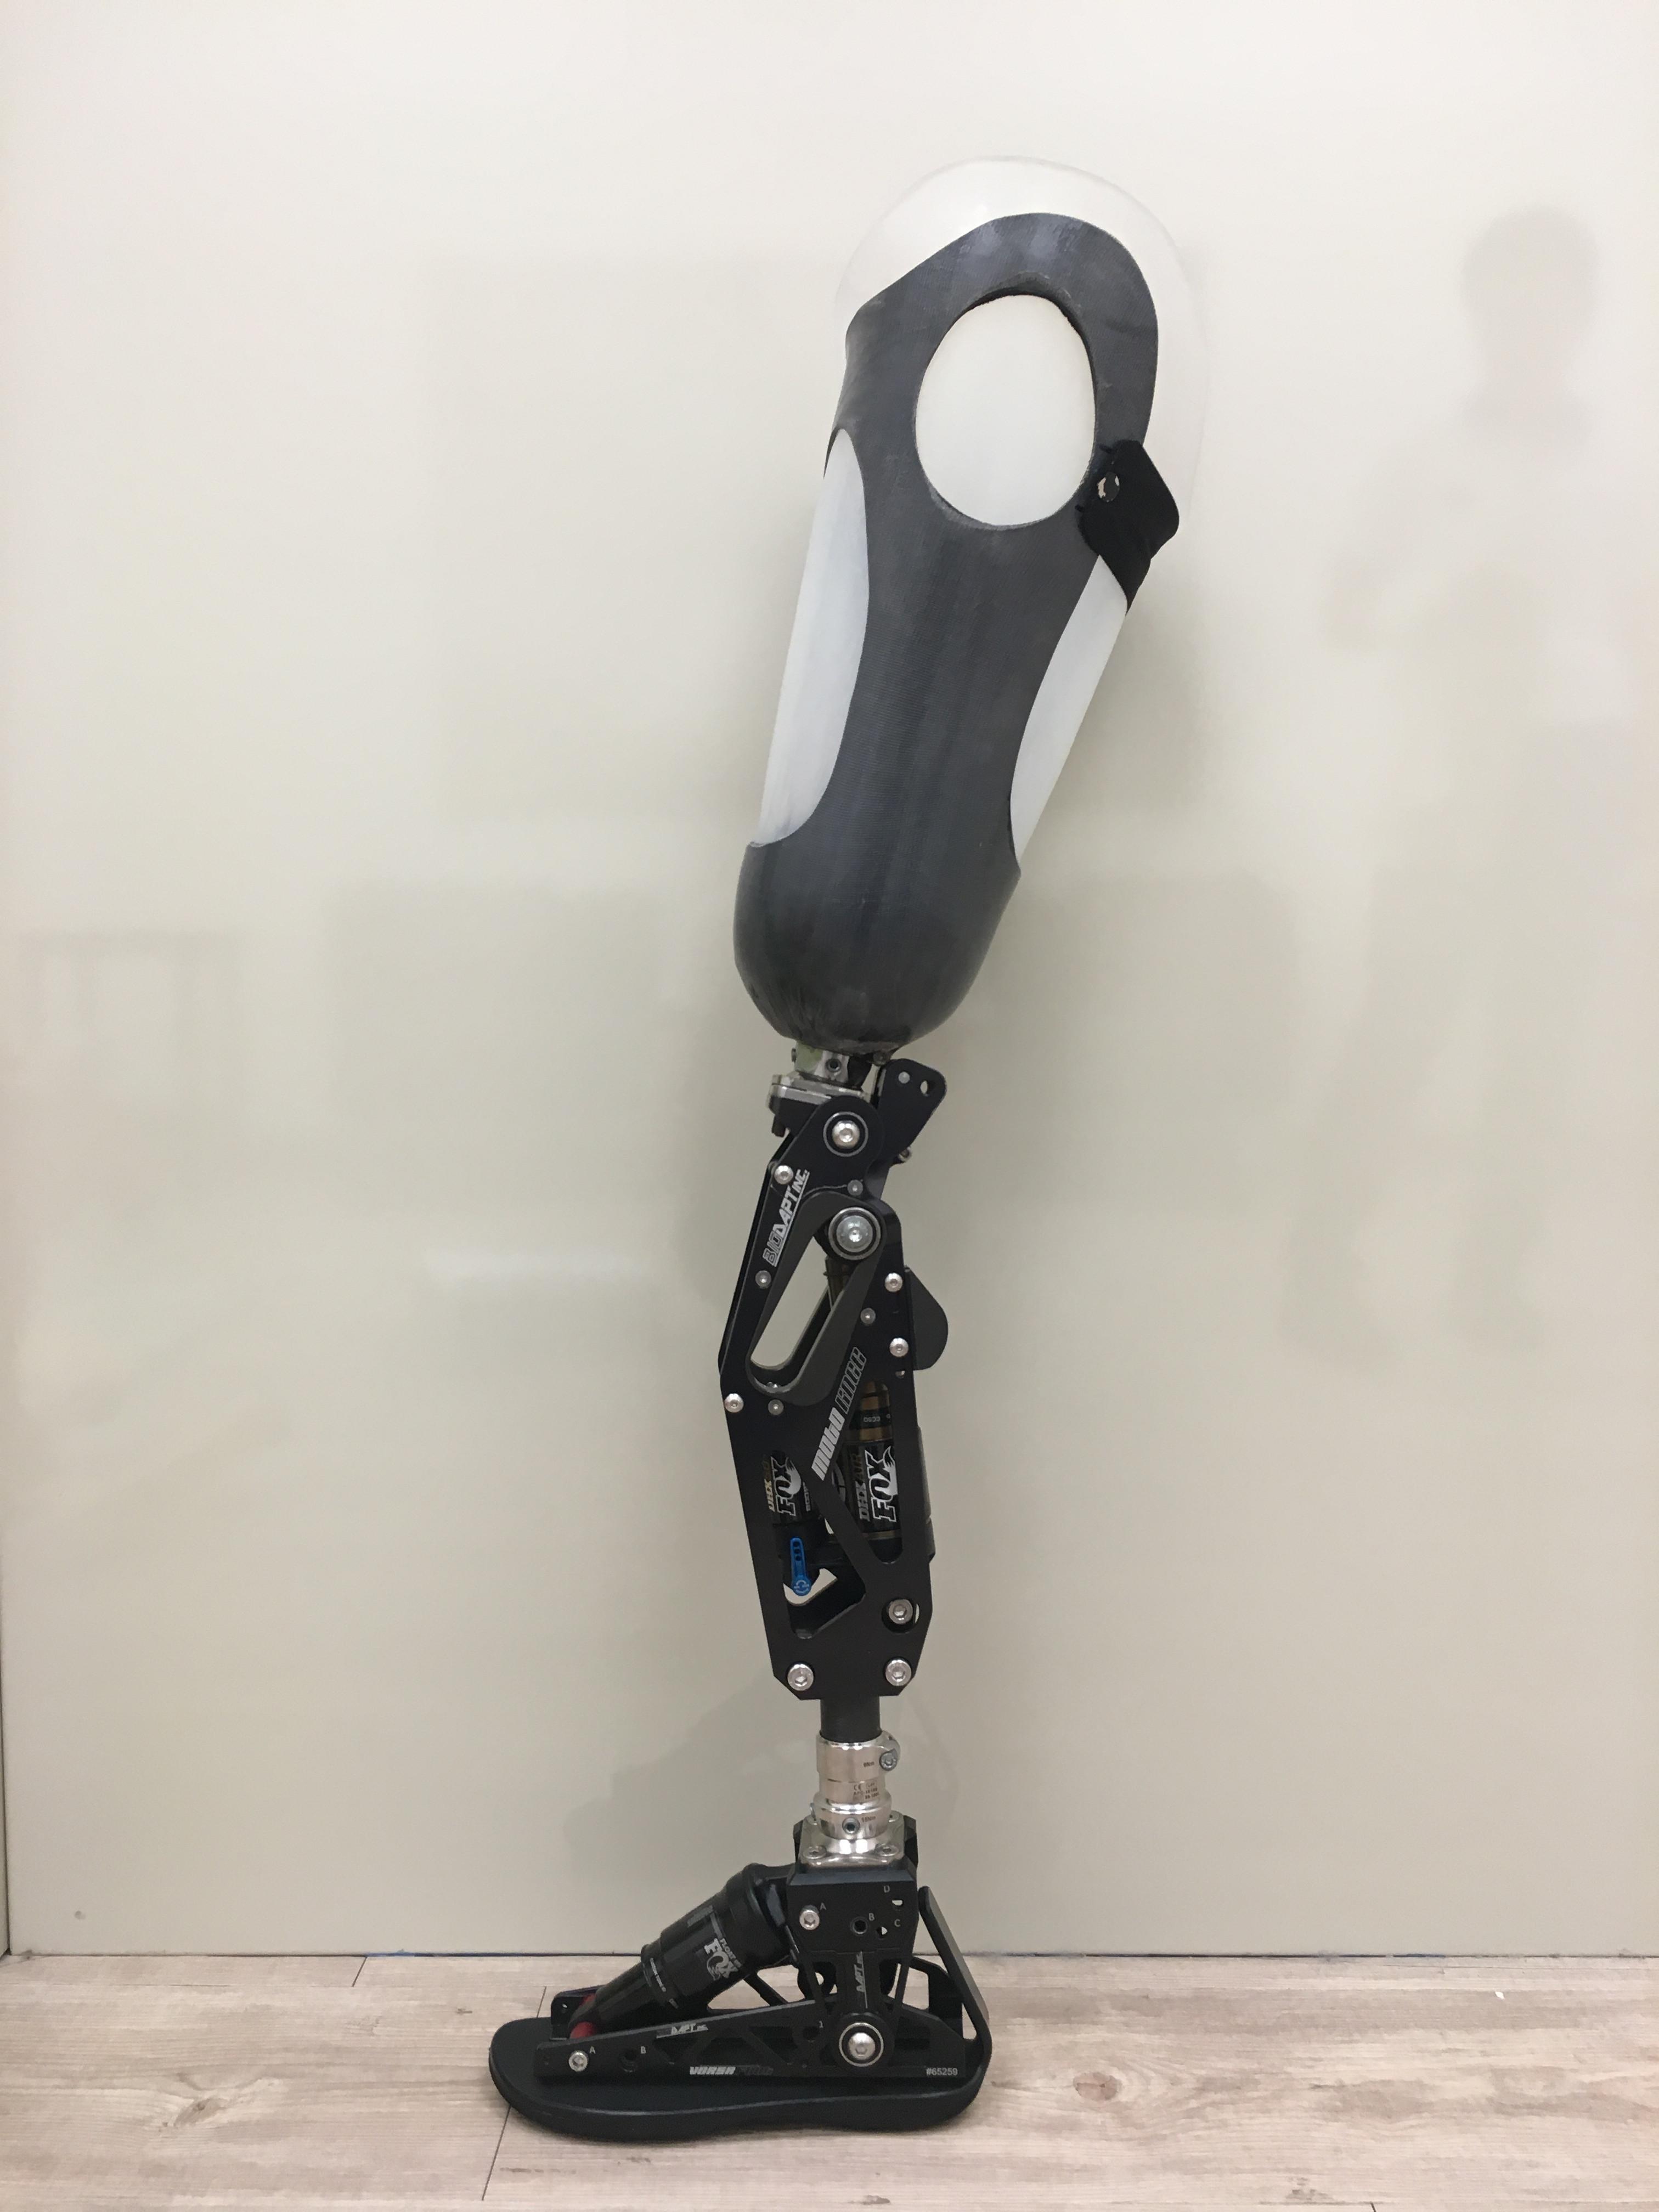 ปรึกษาเกี่ยวกับอุปกรณ์เทียม/ Prosthetics